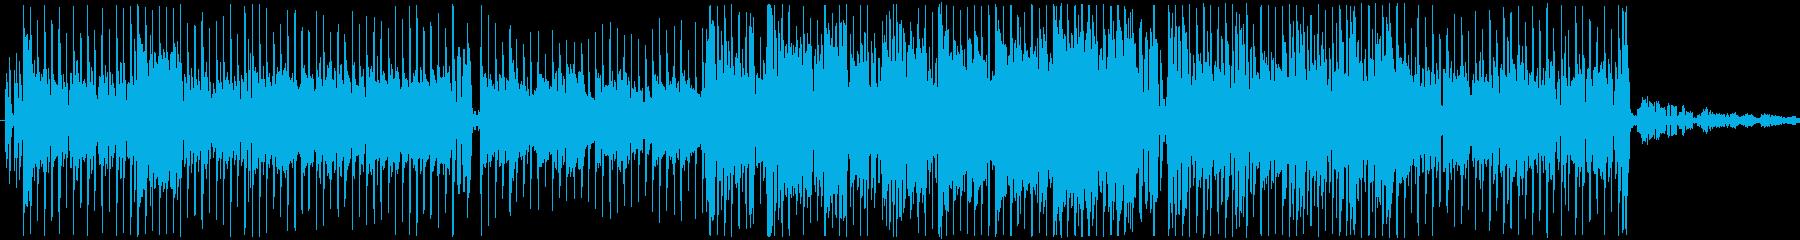 ジャズとファンク。ファンクサックス...の再生済みの波形